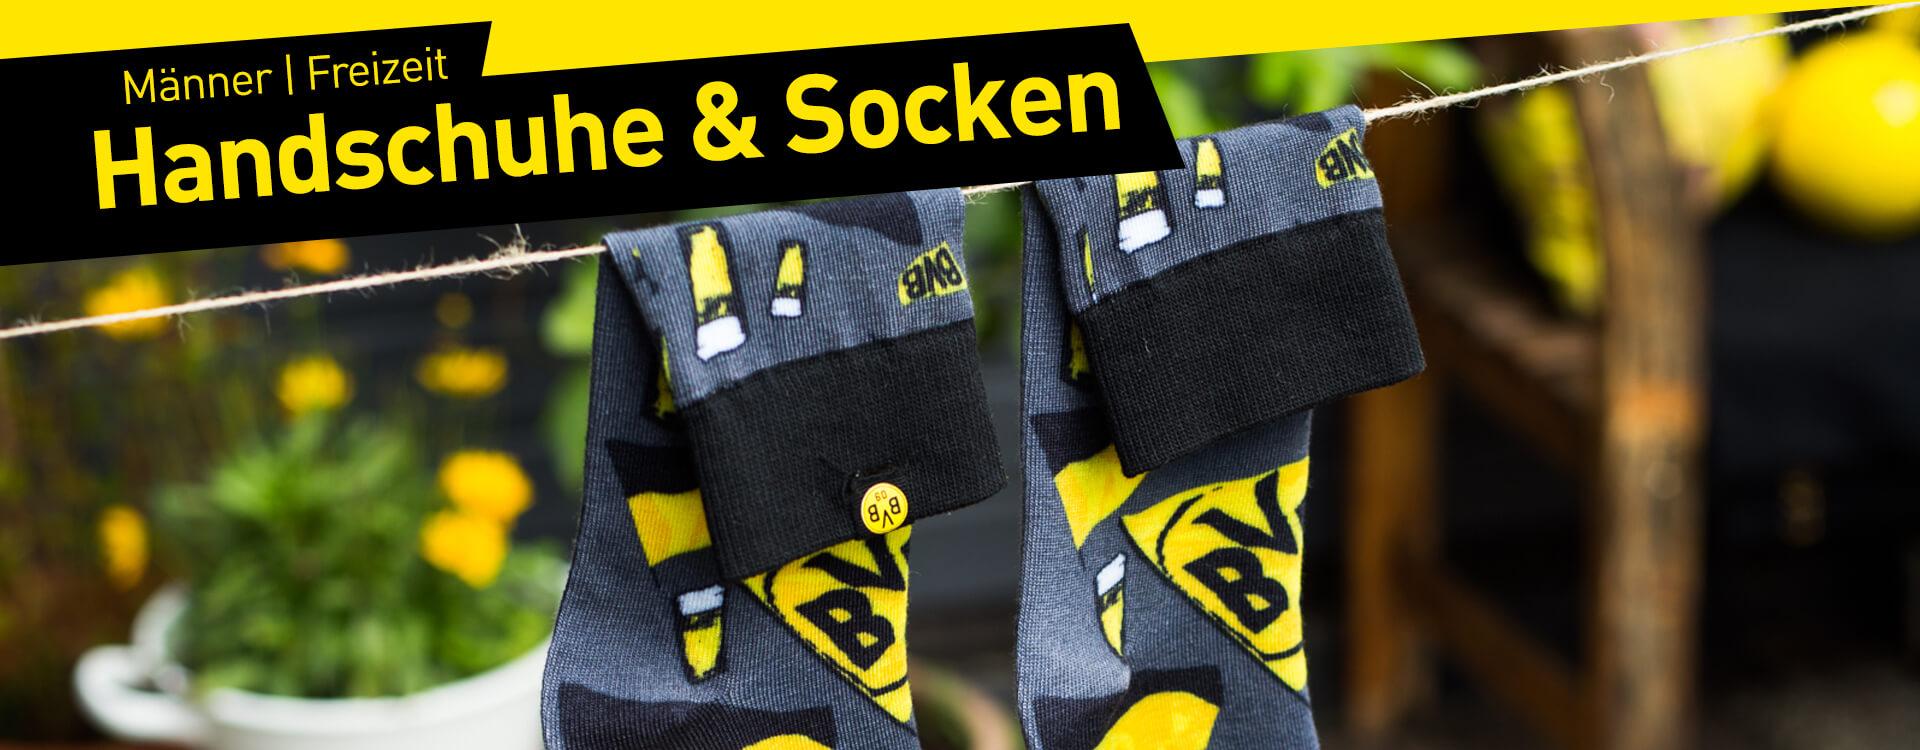 Onlineshop-Kategorieb-hnen-Desktop-1920x750px_M-nner-Freizeit-Handschuhe-Socken